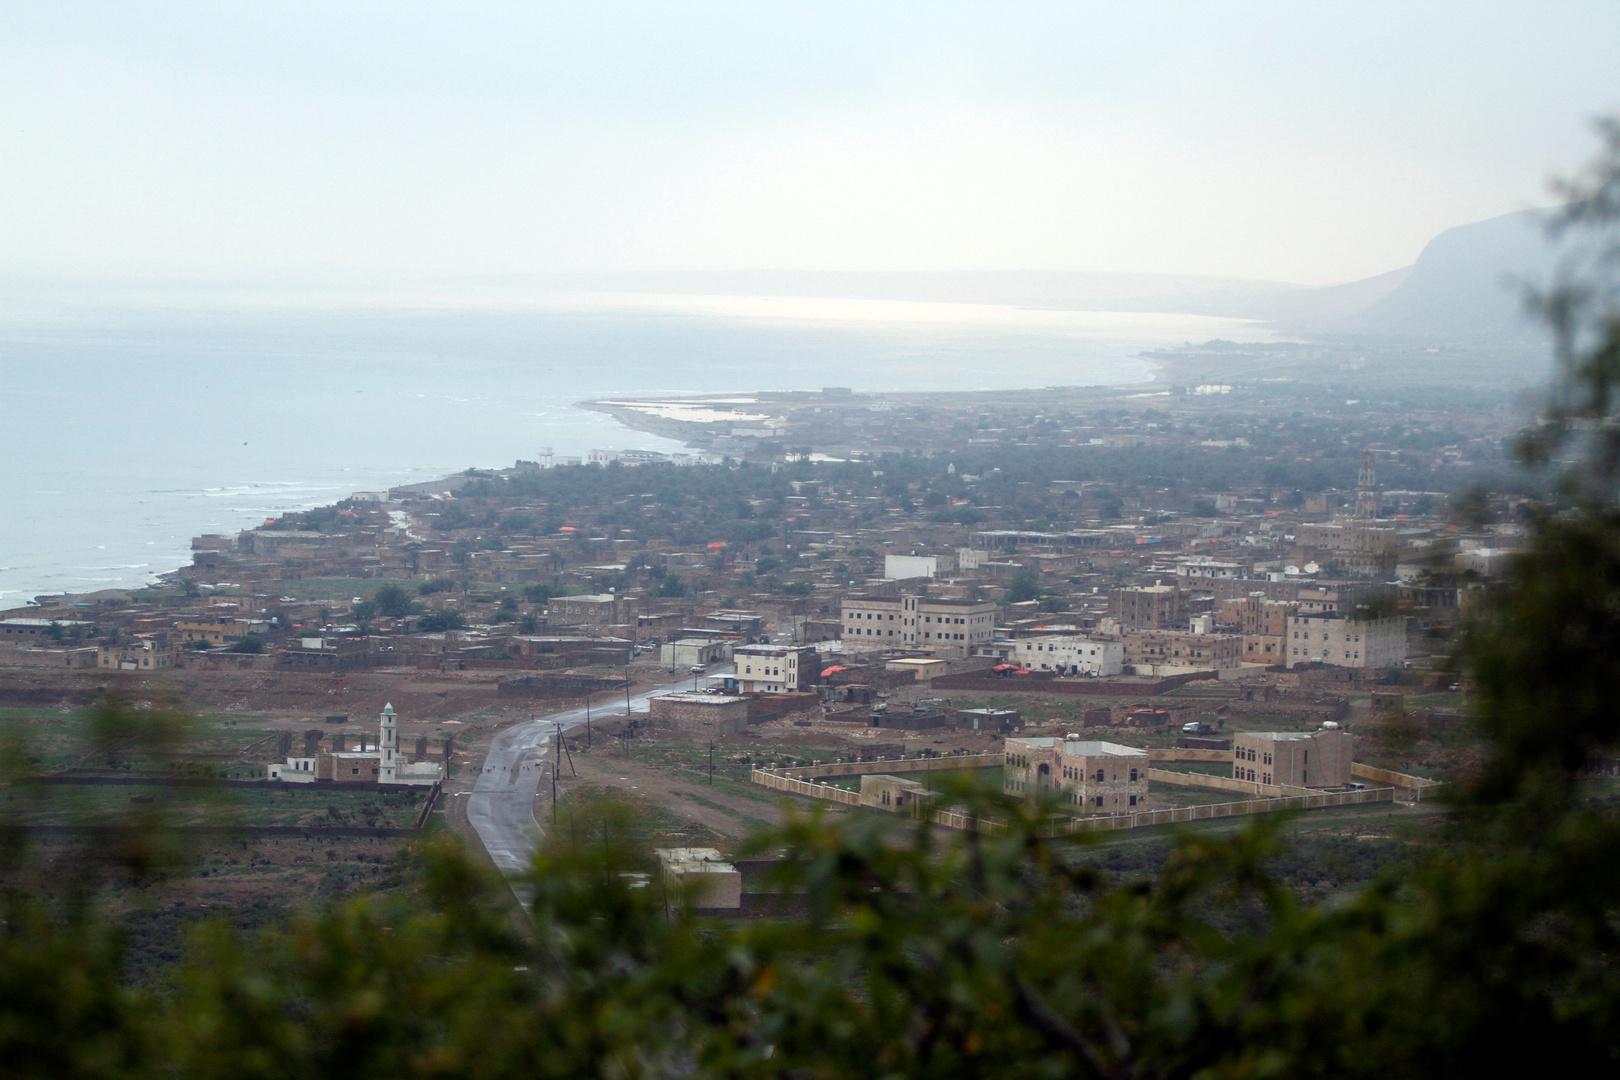 مدينة حديبو عاصمة محافظة أرخبيل سقطرى اليمنية